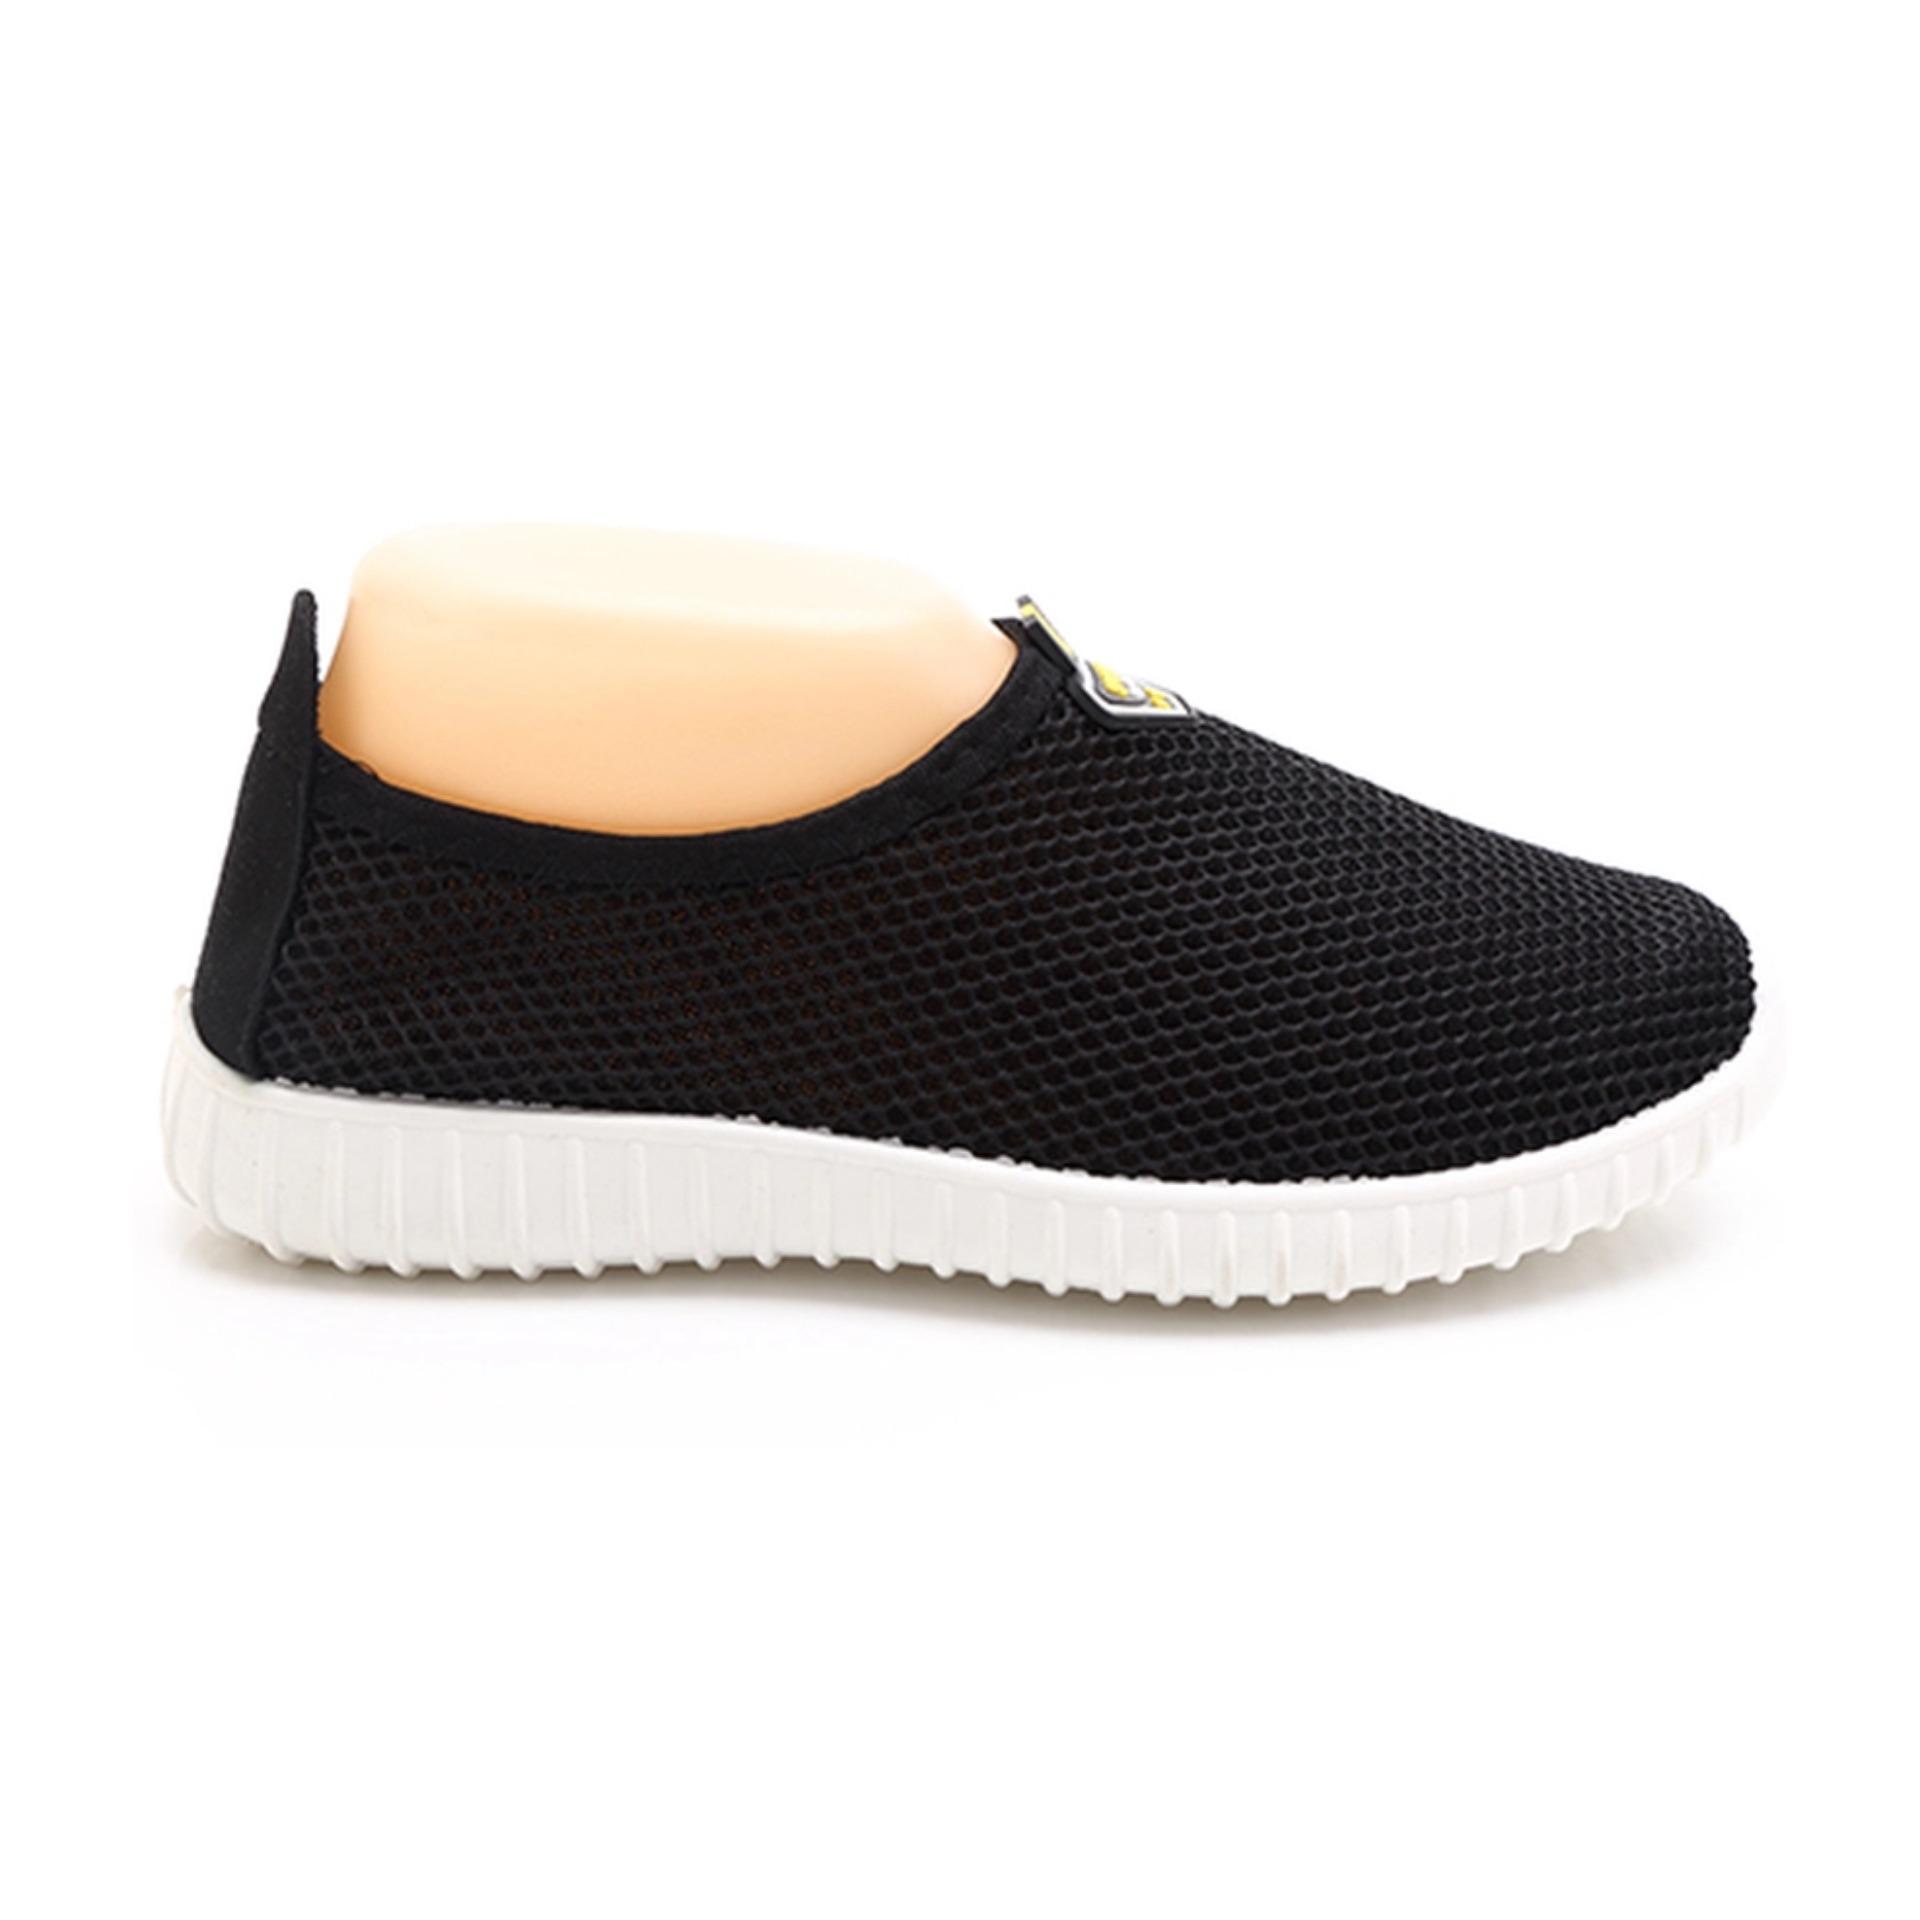 Sepatu Slip On Women Dr Kevin Hitam Daftar Harga Terlengkap Indonesia Wanita Pria Flats Shoes 5306